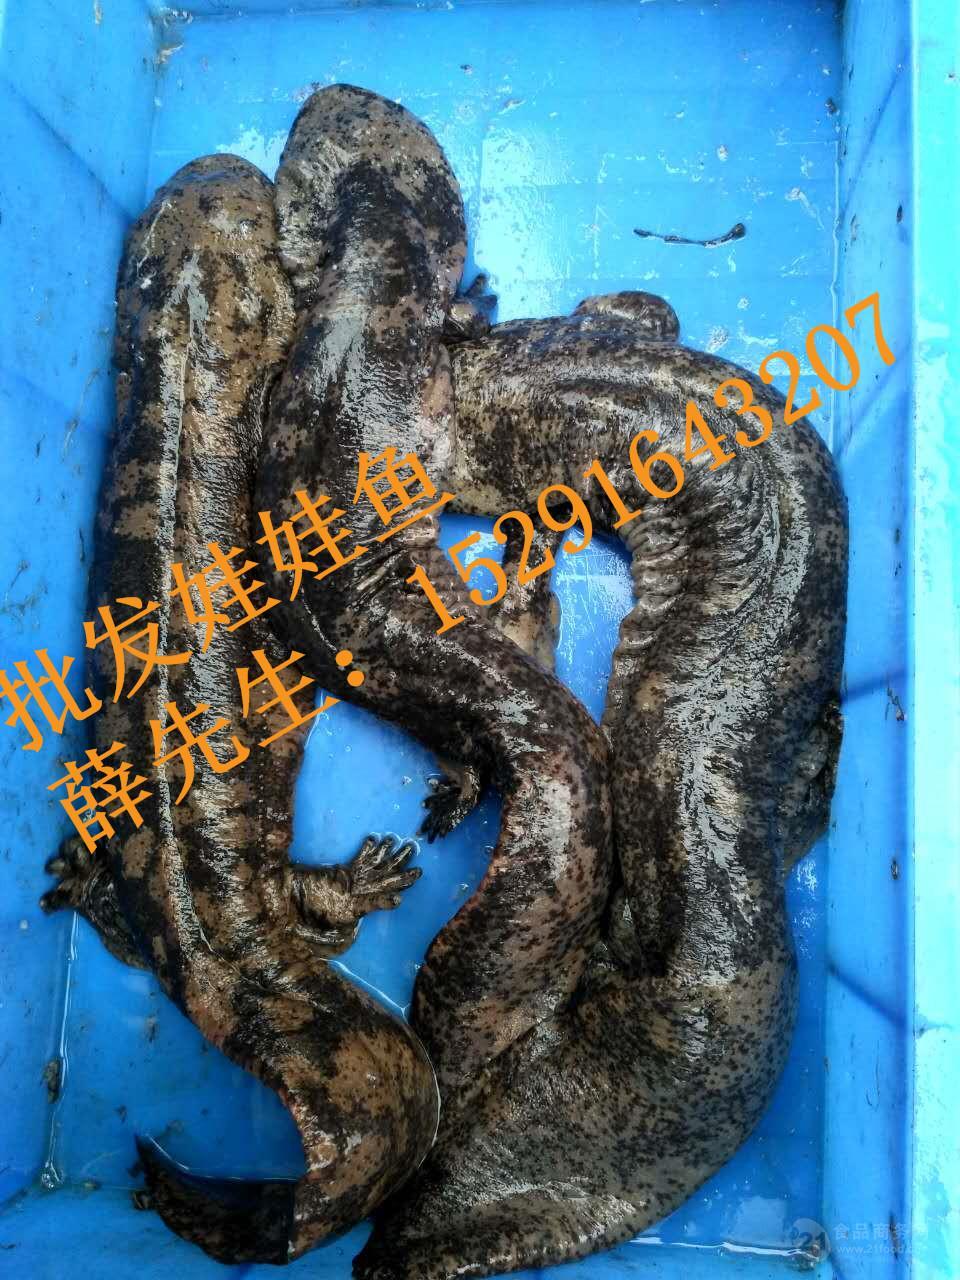 饲养娃娃鱼(大鲵)多少钱一斤,娃娃鱼多少钱批发